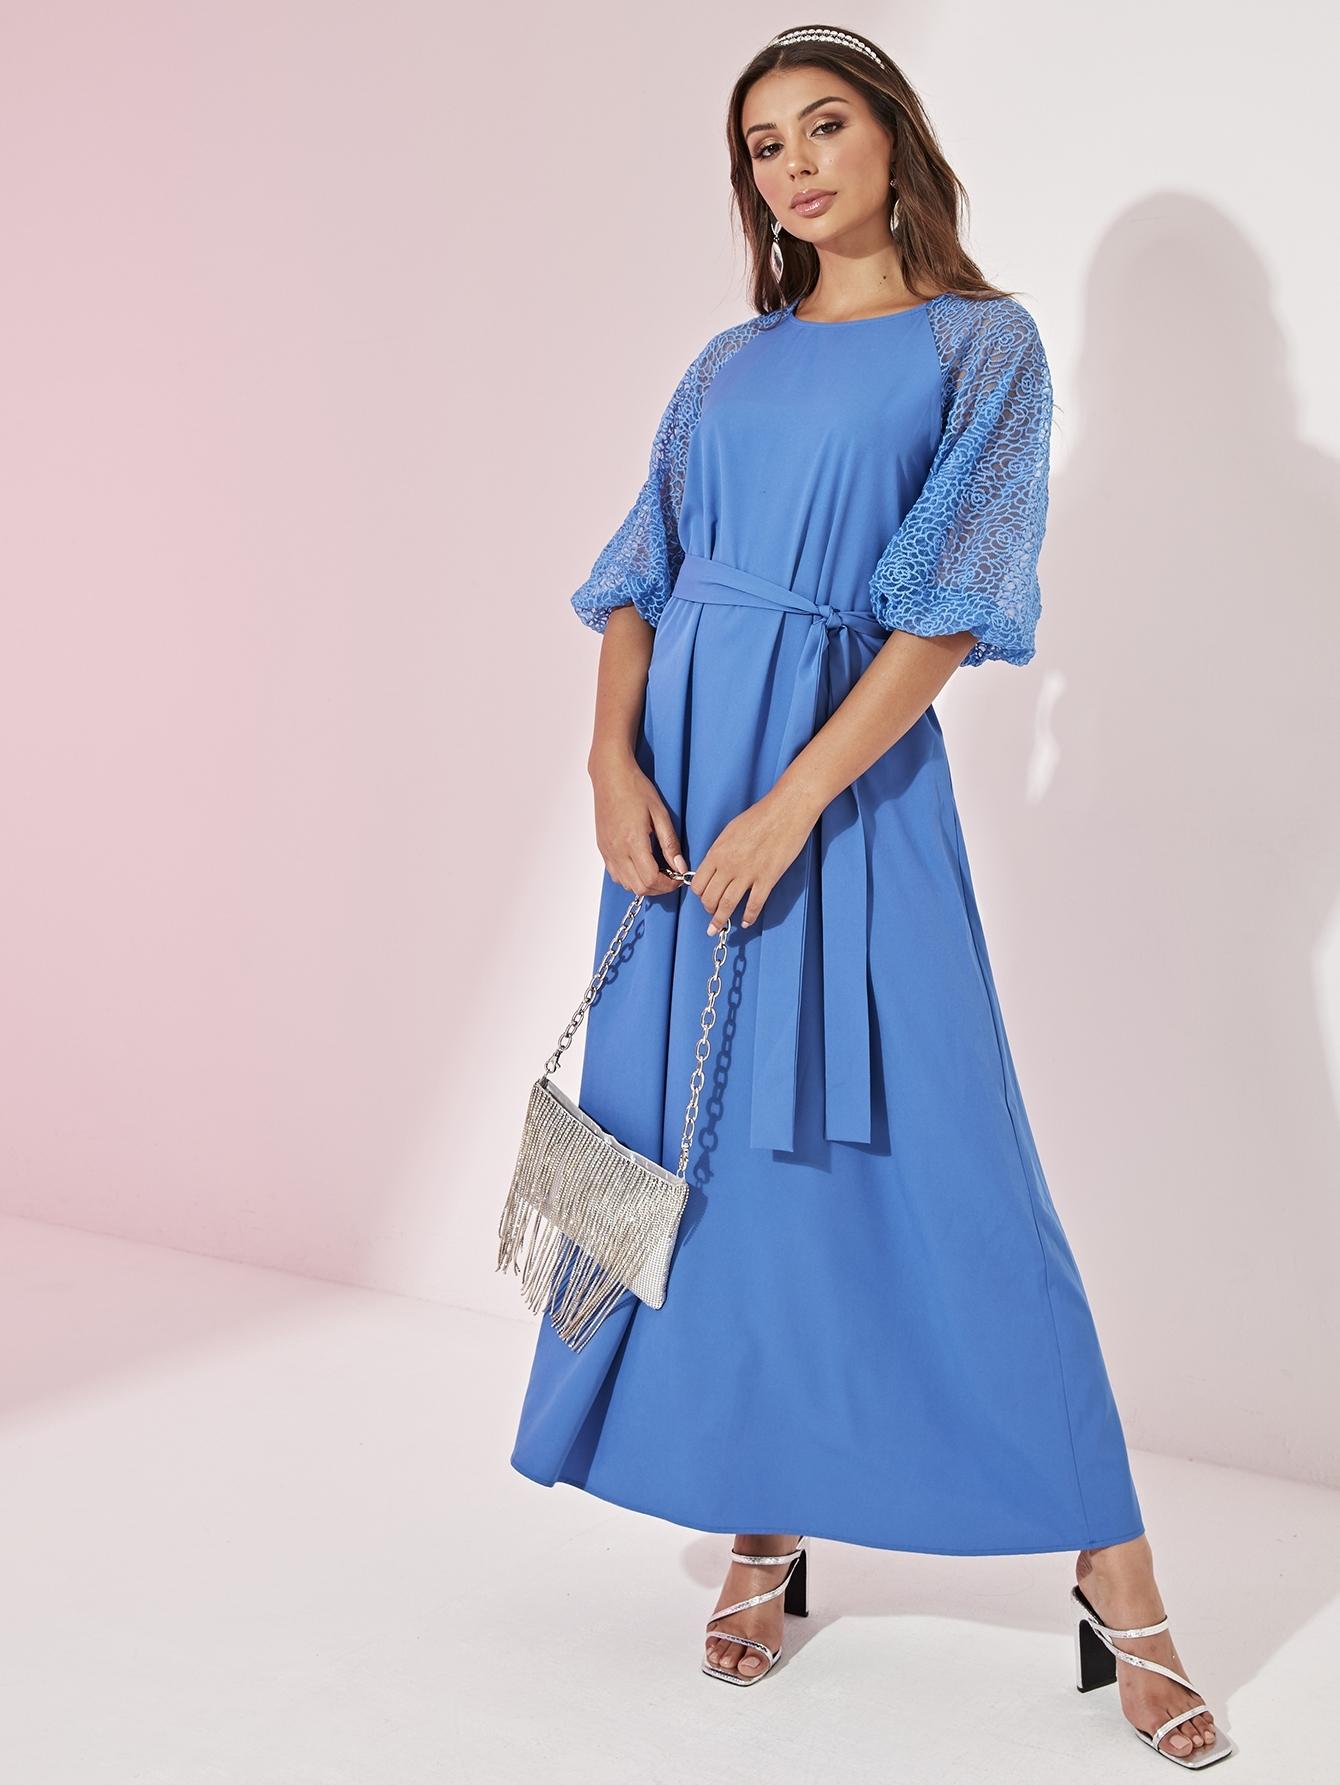 Фото - Платье с поясом, регланом рукавом и вышивкой от SheIn цвет синие